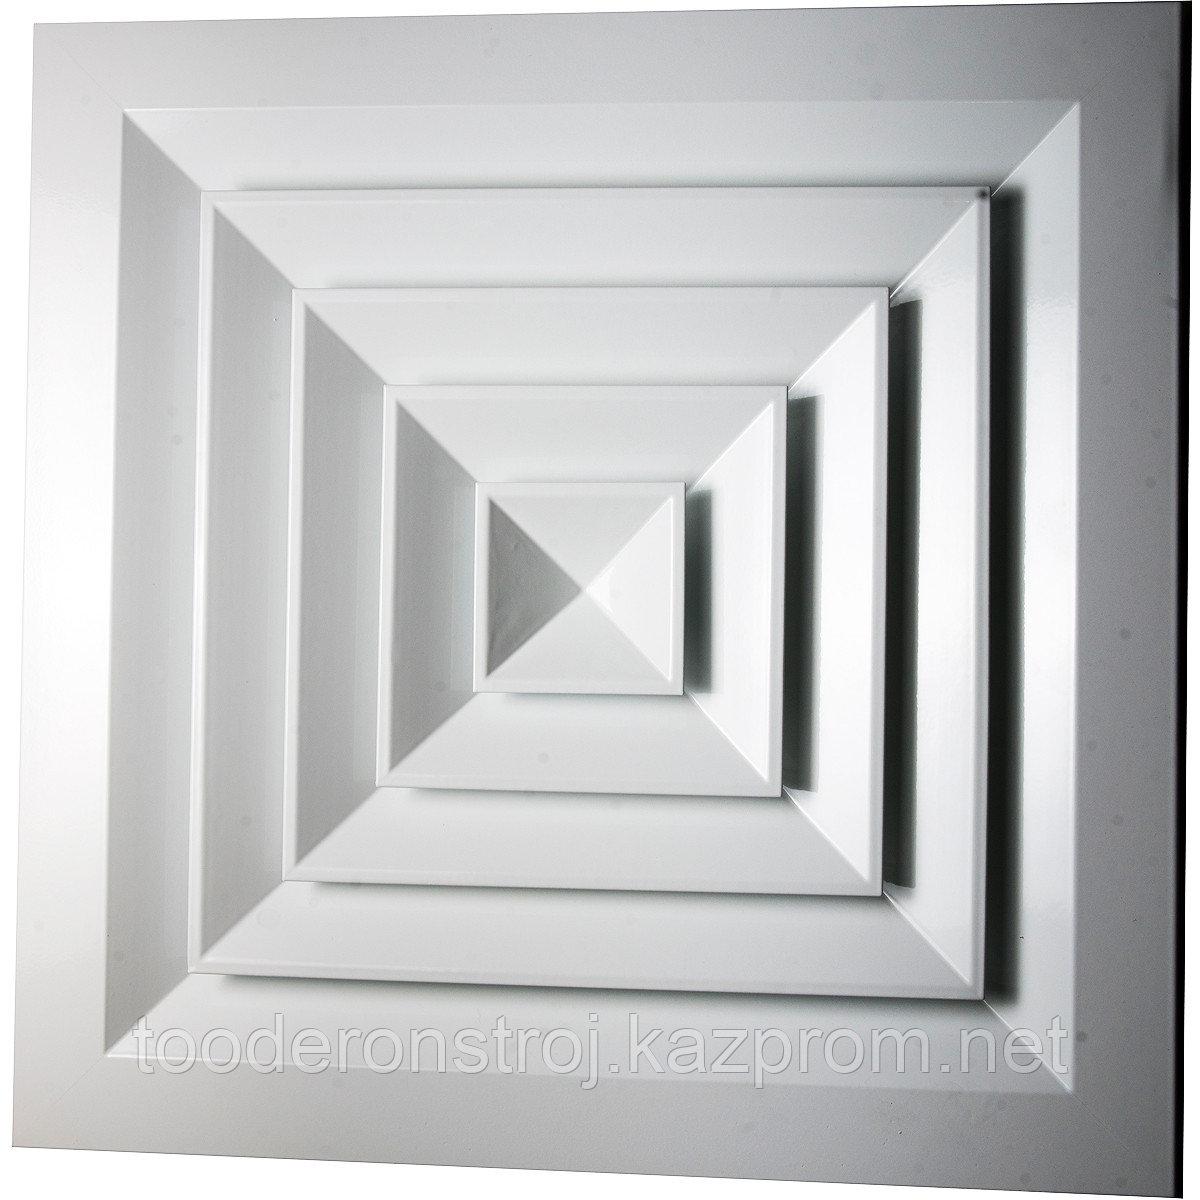 Диффузор потолочный квадратный RAD (не регулируемый)  150*150